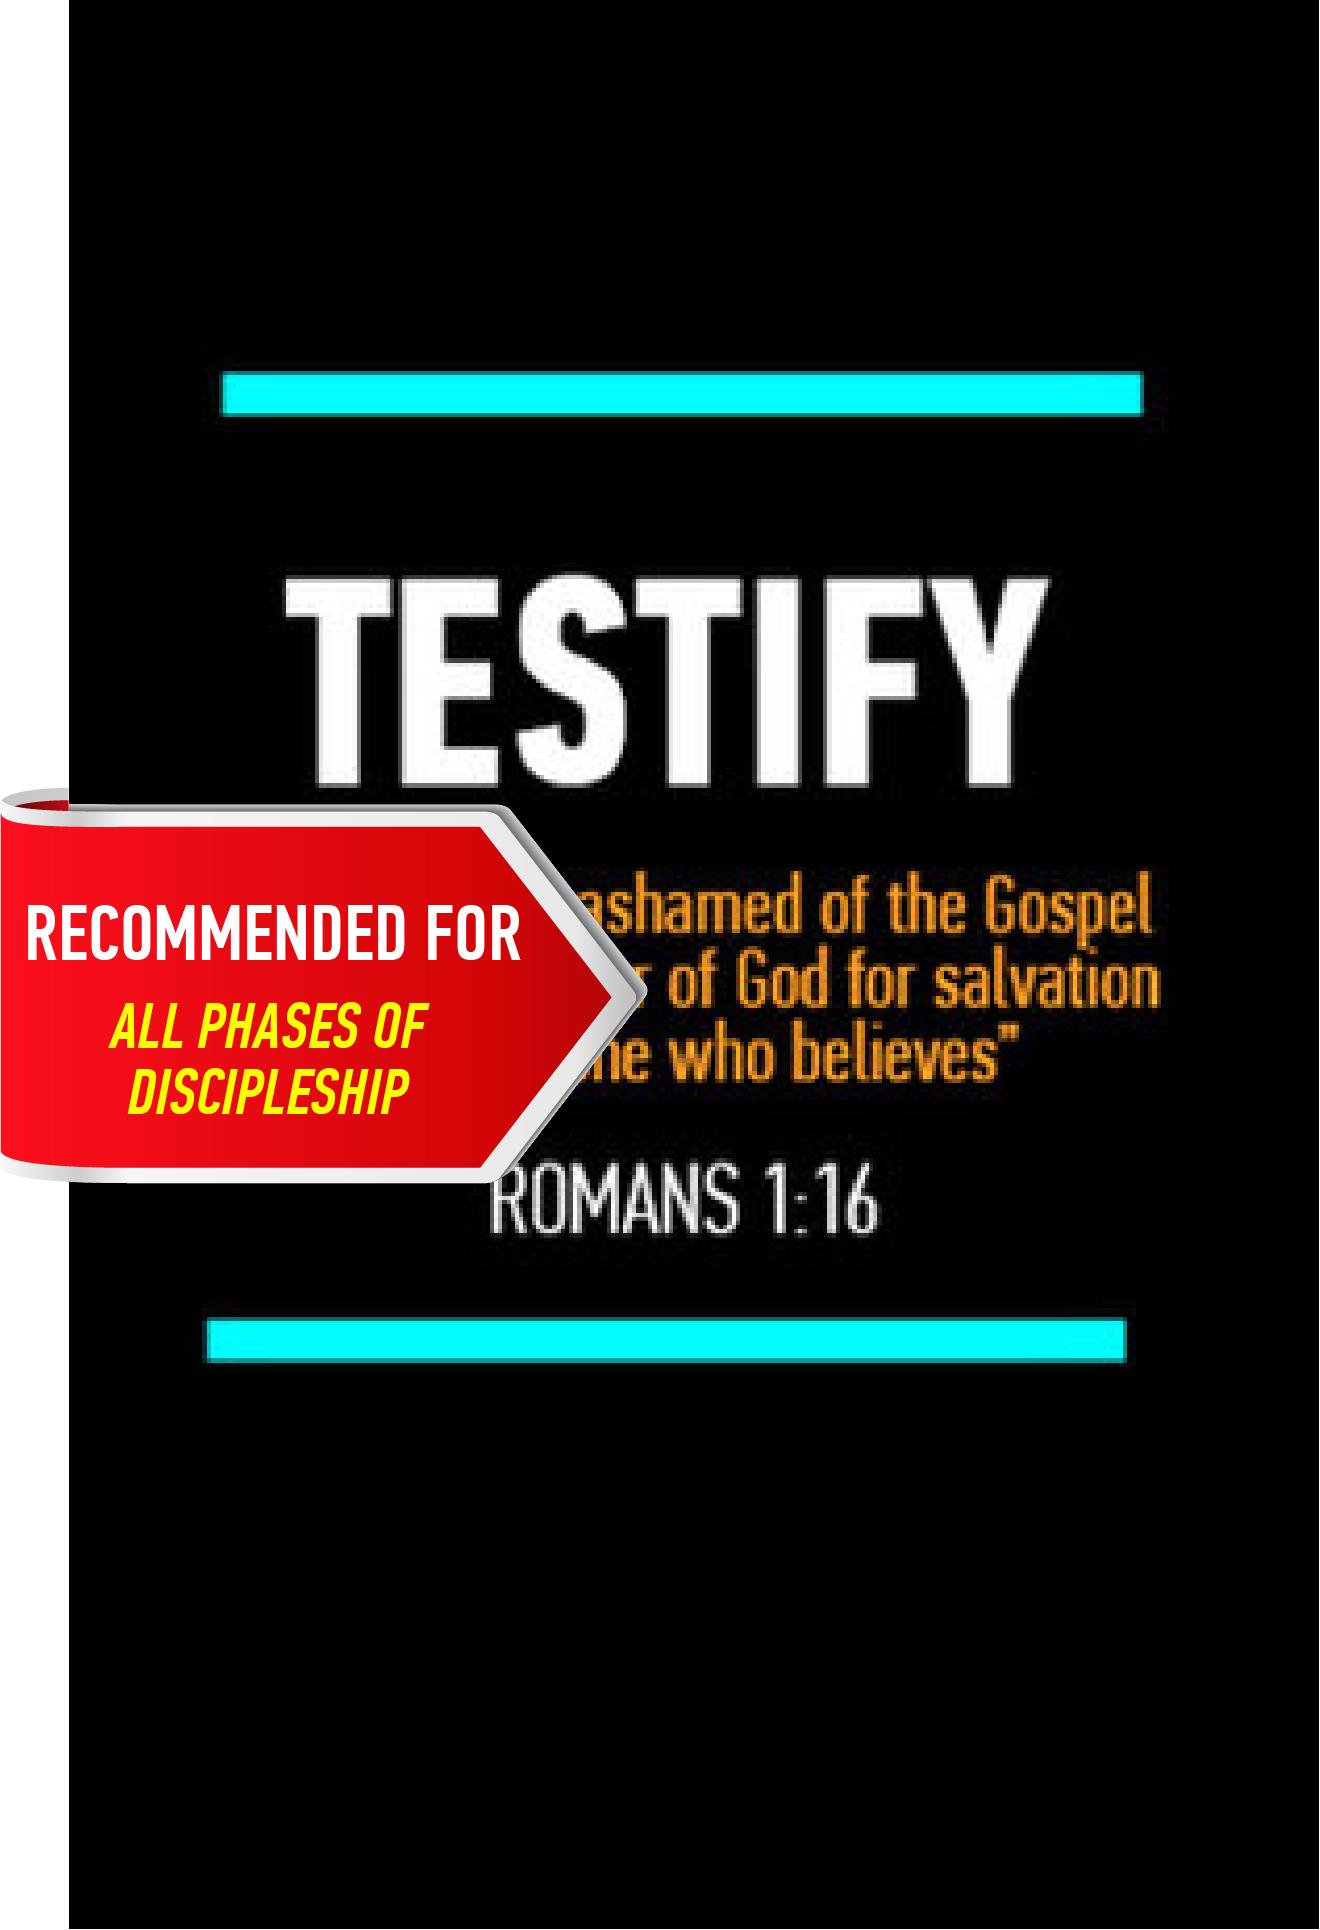 testify.jpg